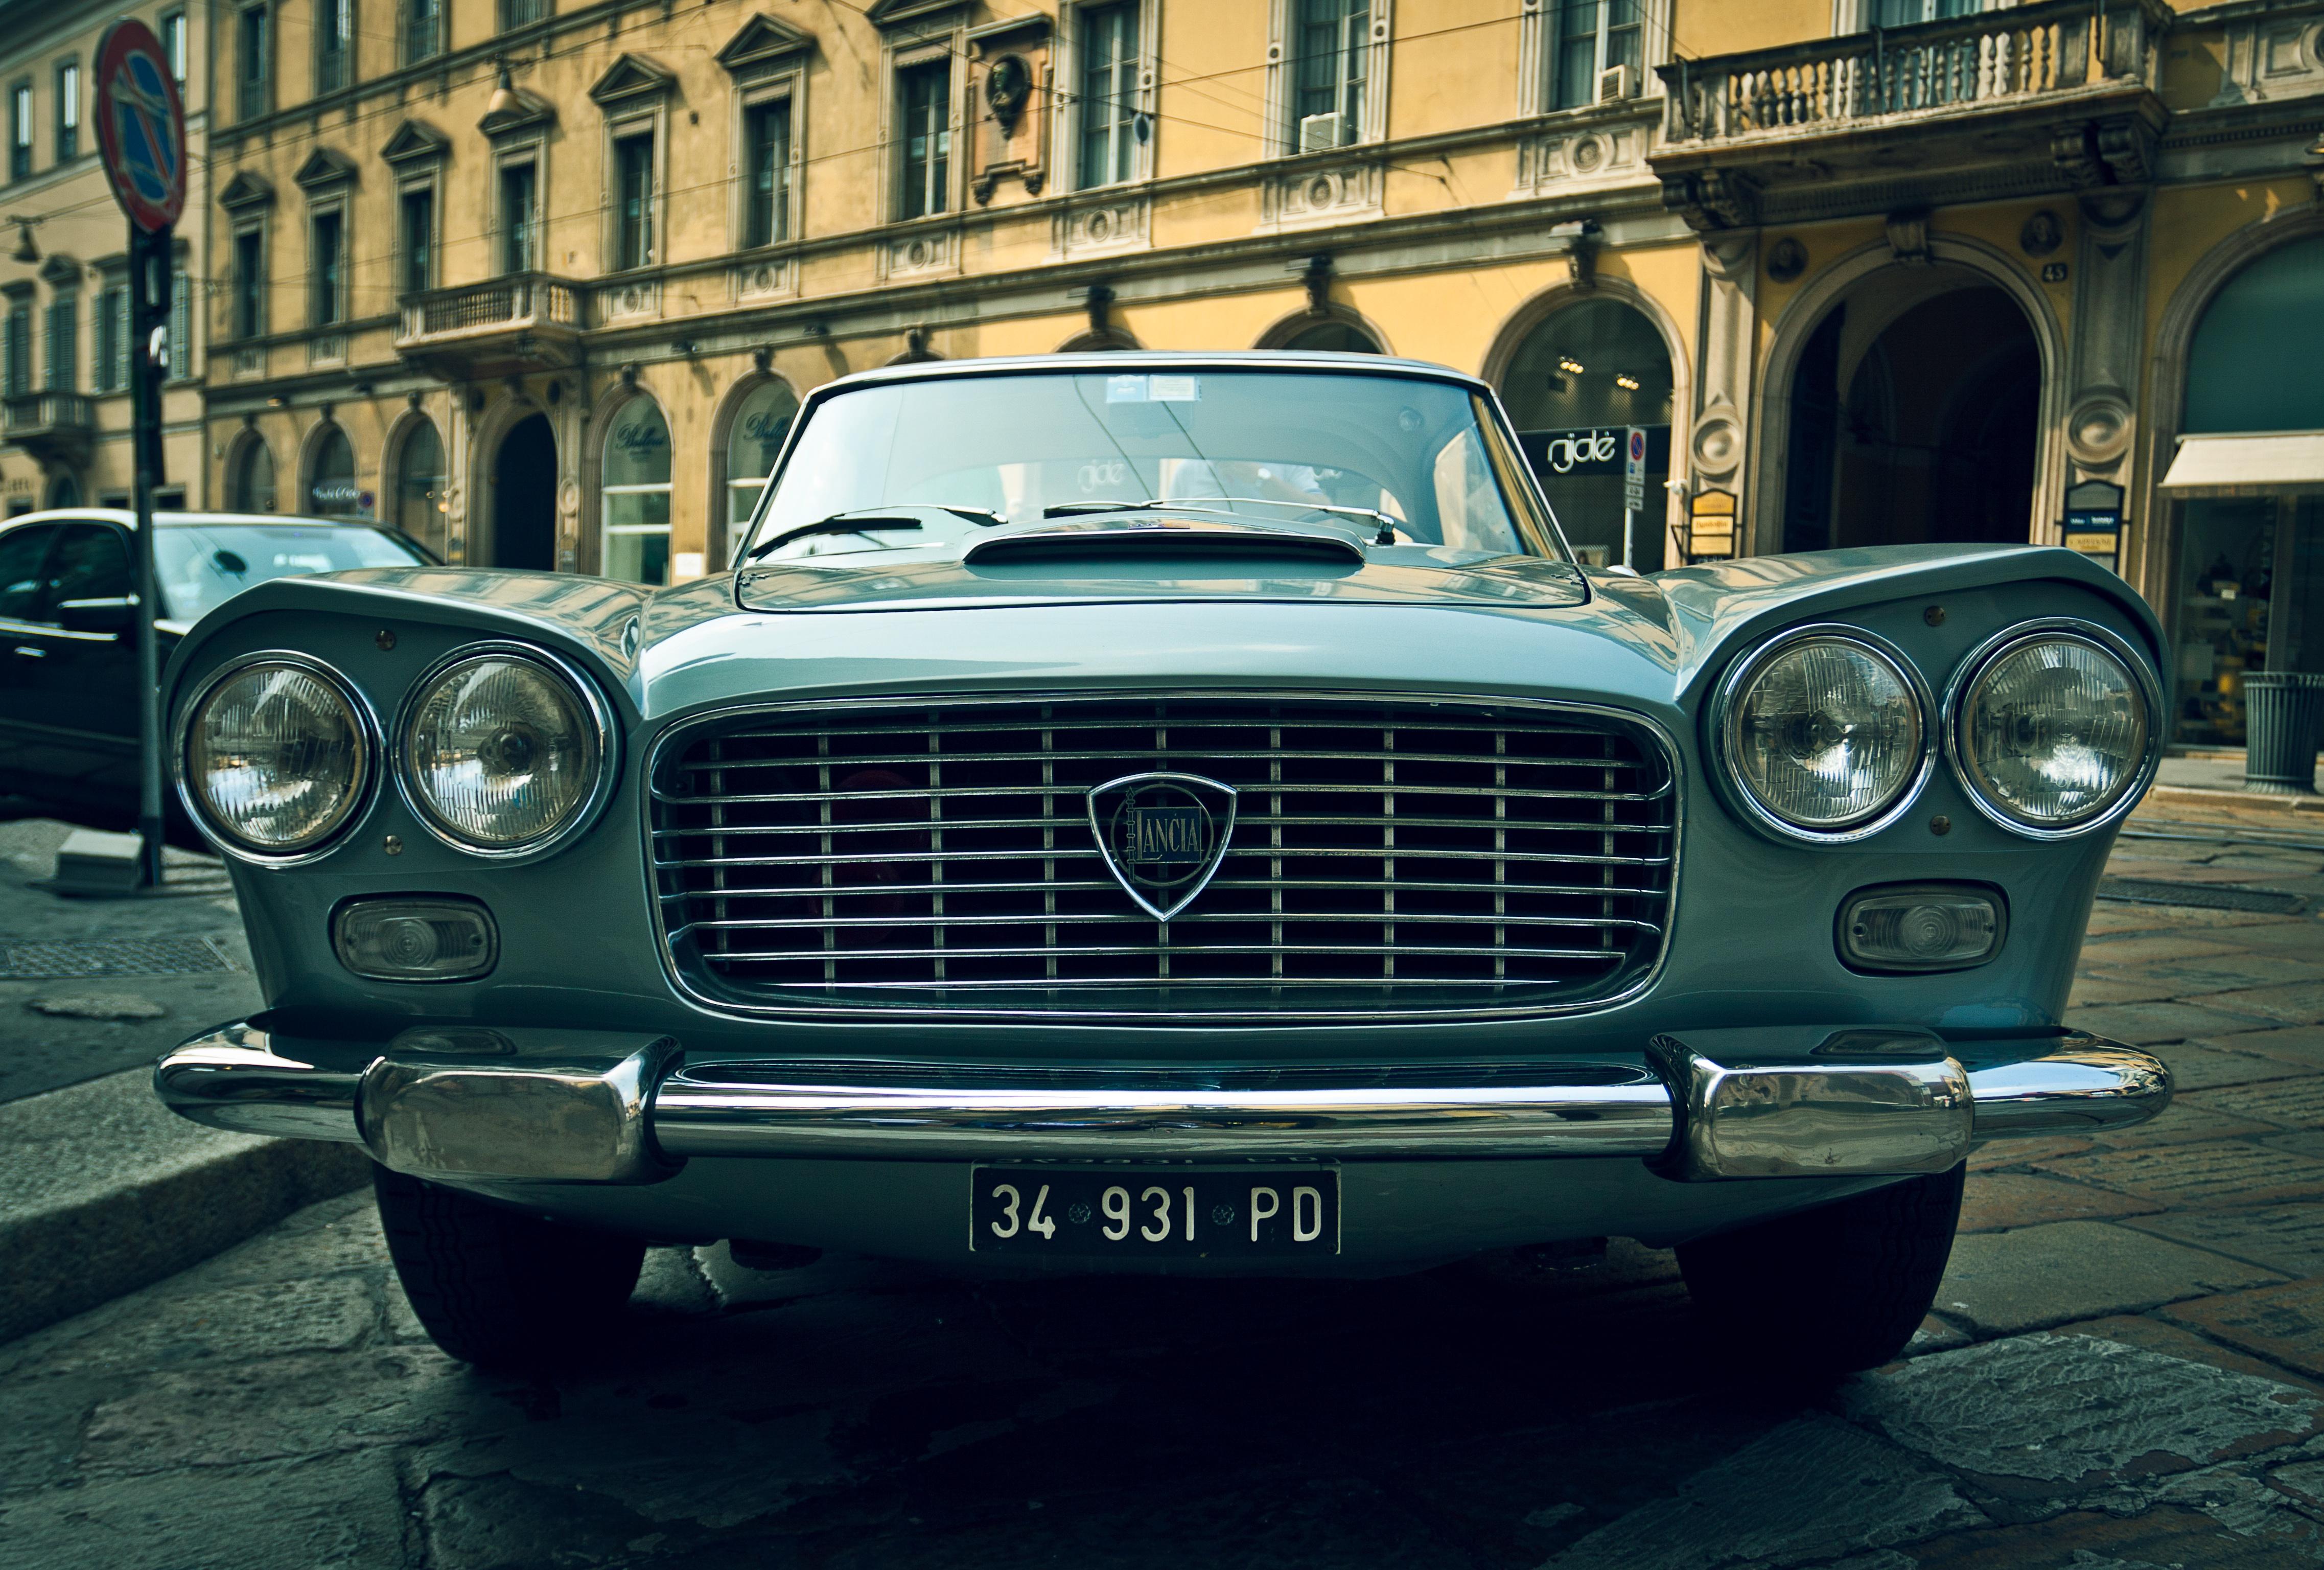 Free Images : Auto, Classic Car, Sports Car, Motor Vehicle, Vintage Car,  Sedan, Convertible, Antique Car, Land Vehicle, Automobile Make, Automotive  Exterior ...